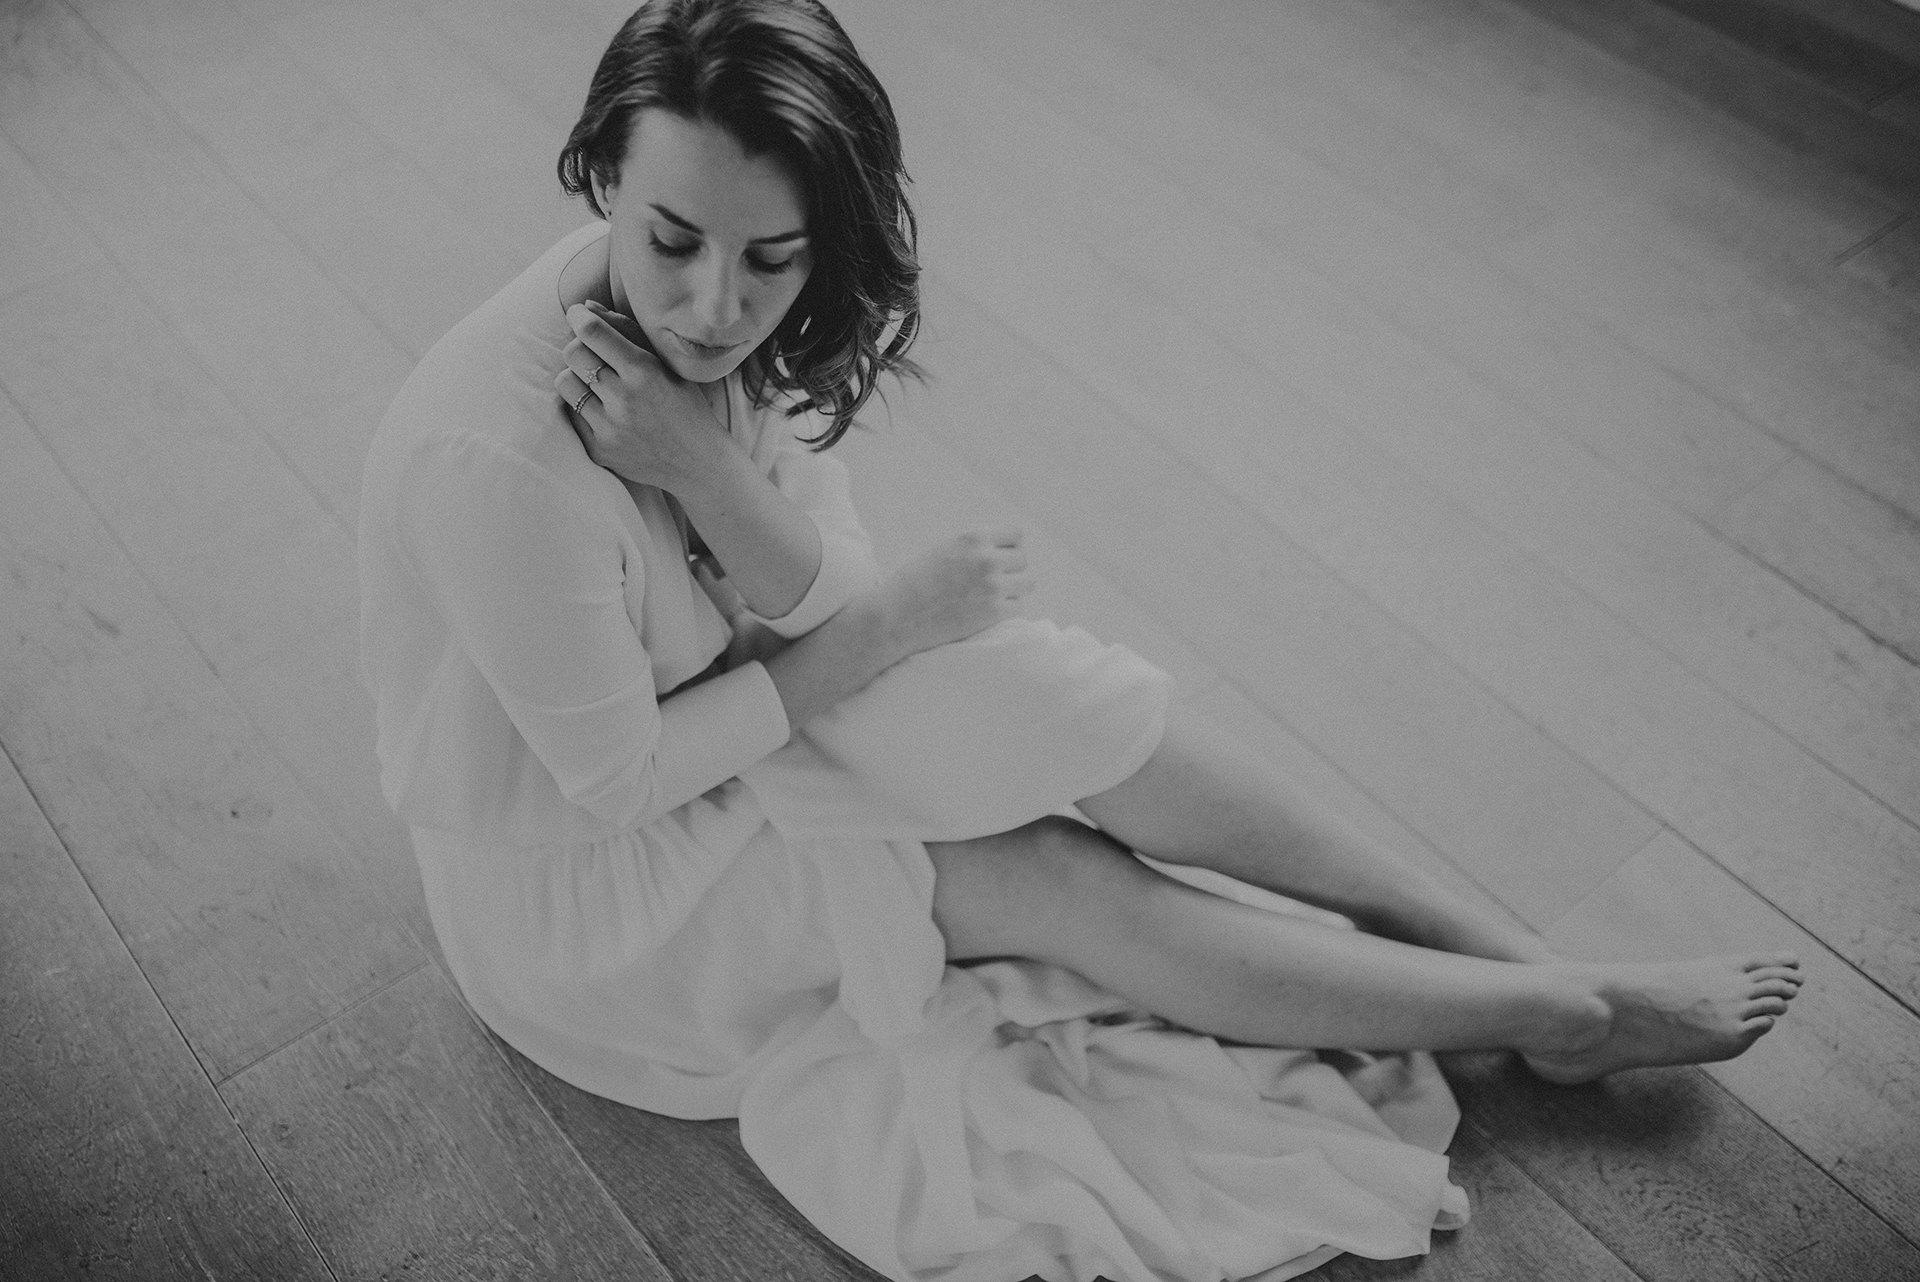 _**©Leshistoiresda - laetitia_pavoine - shooting_la_mariee_aux_pieds_nus